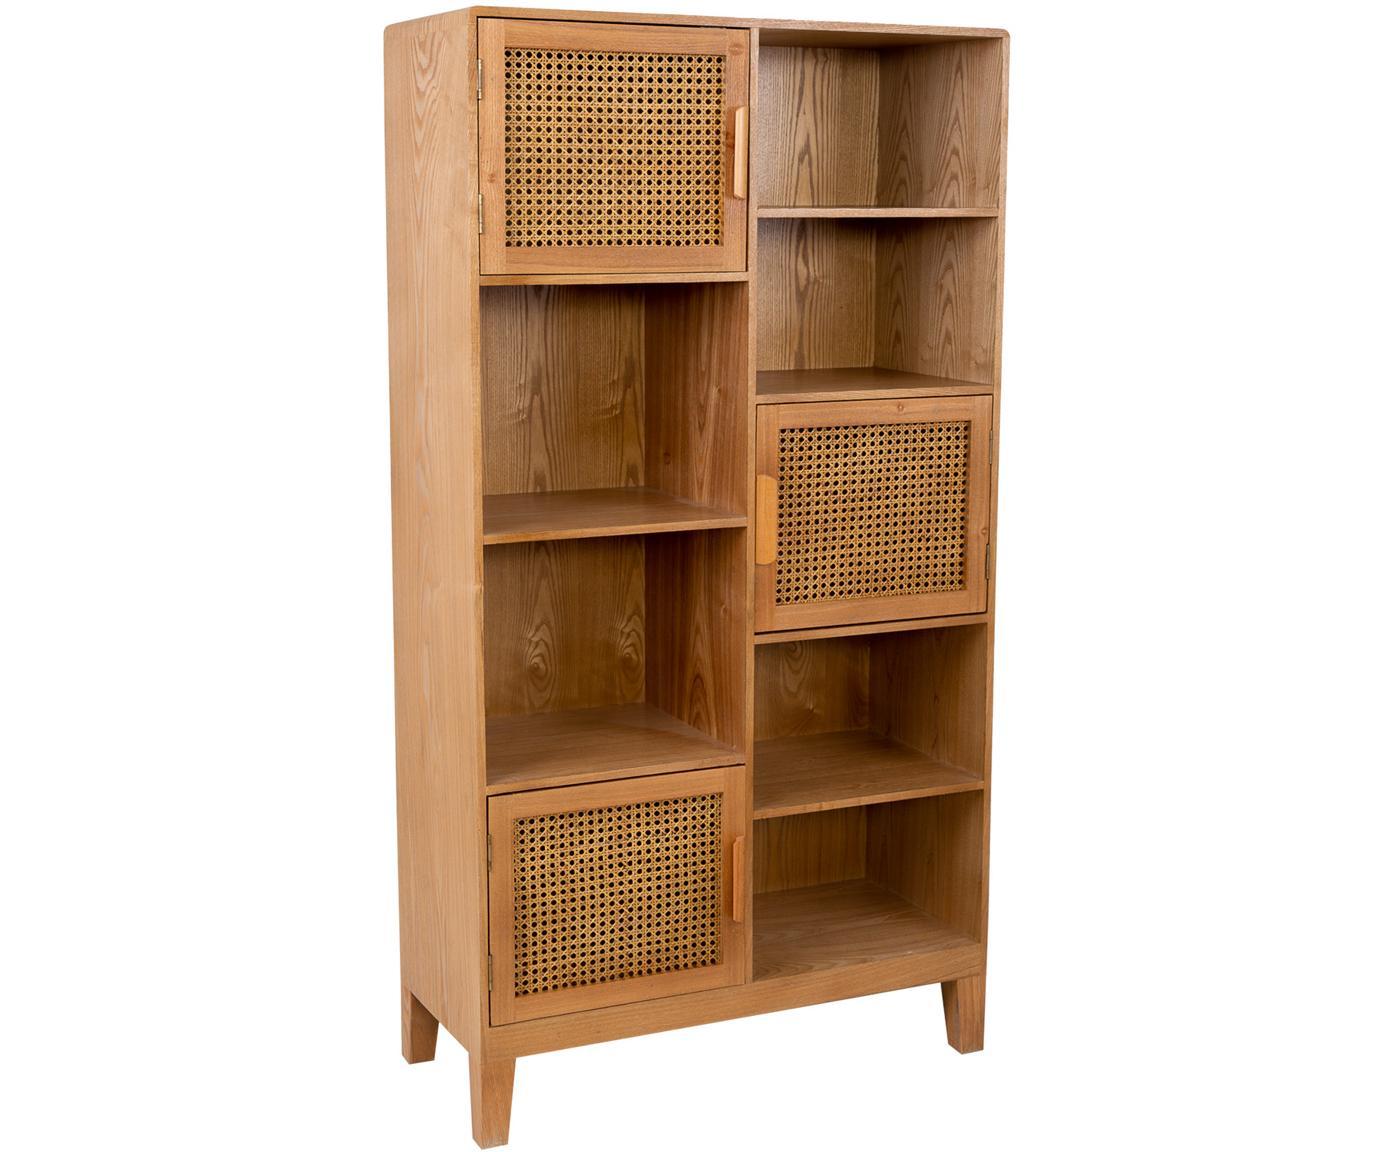 Estantería Nina, Estructura: madera de abeto, madera c, Tonos marrones, An 80 x Al 150 cm